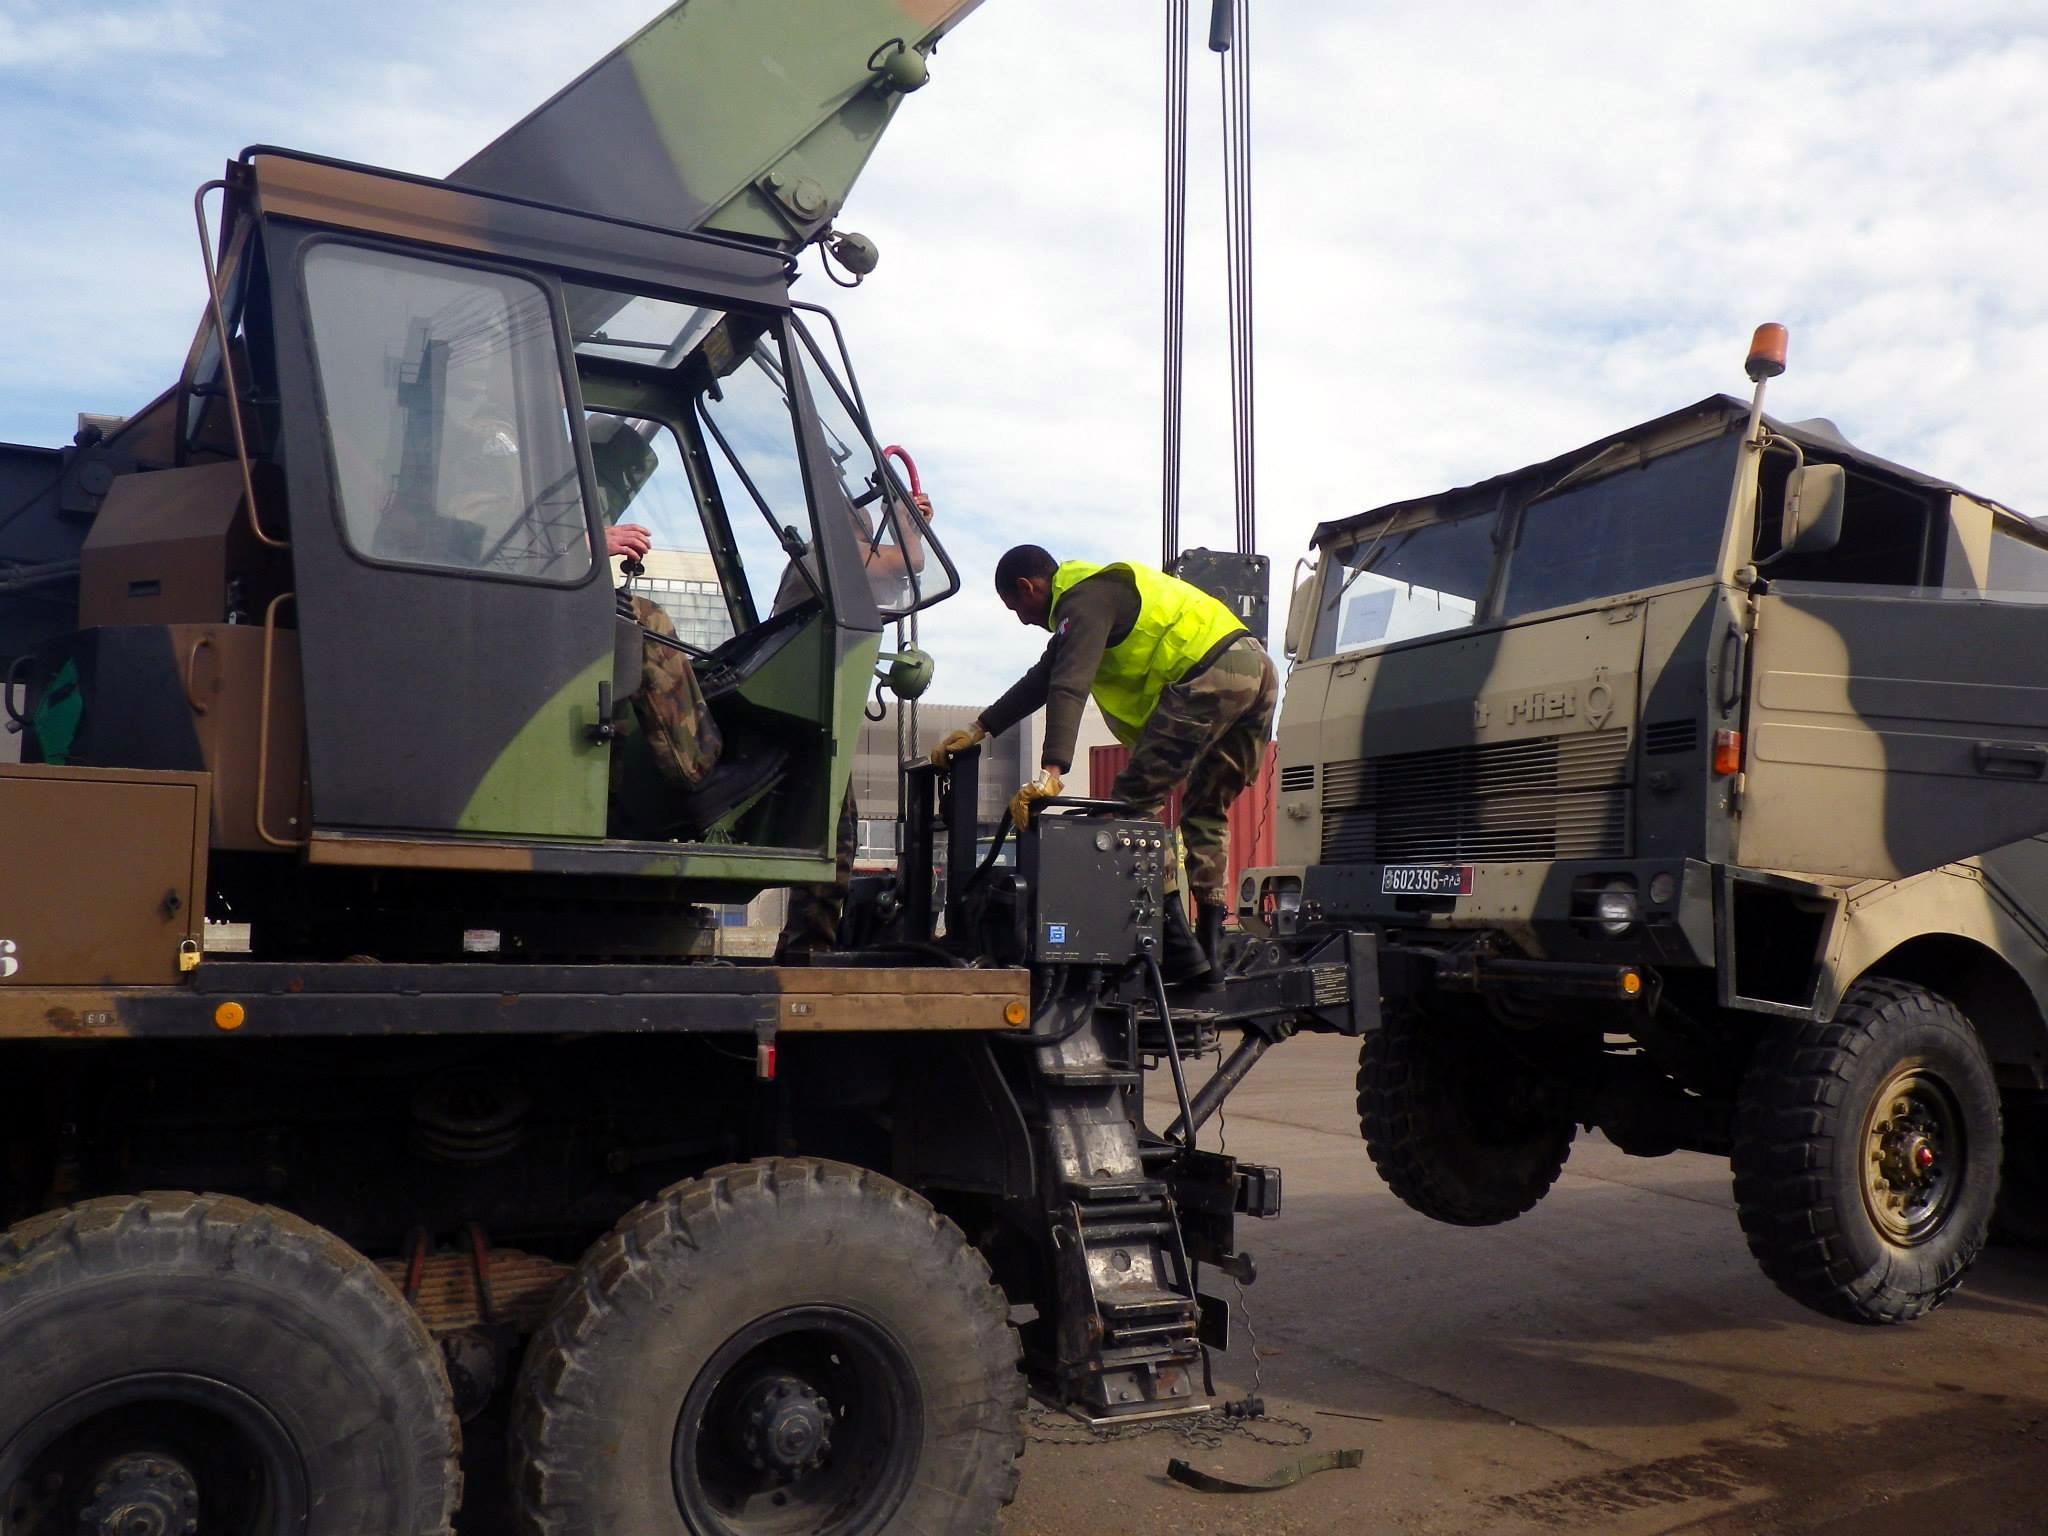 Photos - Logistique et Camions / Logistics and Trucks - Page 5 150924055455185933